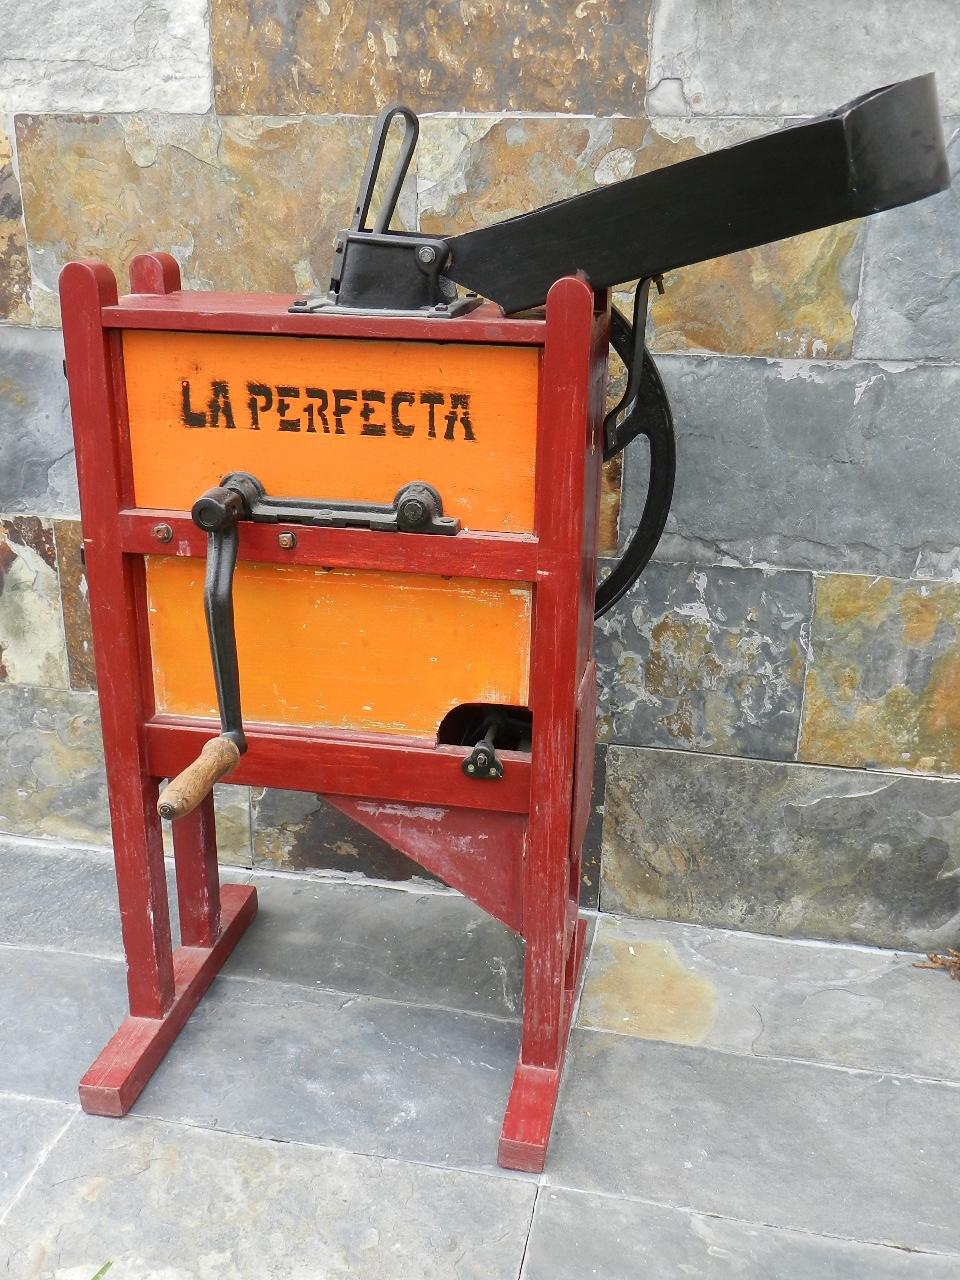 Imagen DESGRANADORA DE MAIZ LA PERFECTA 35132